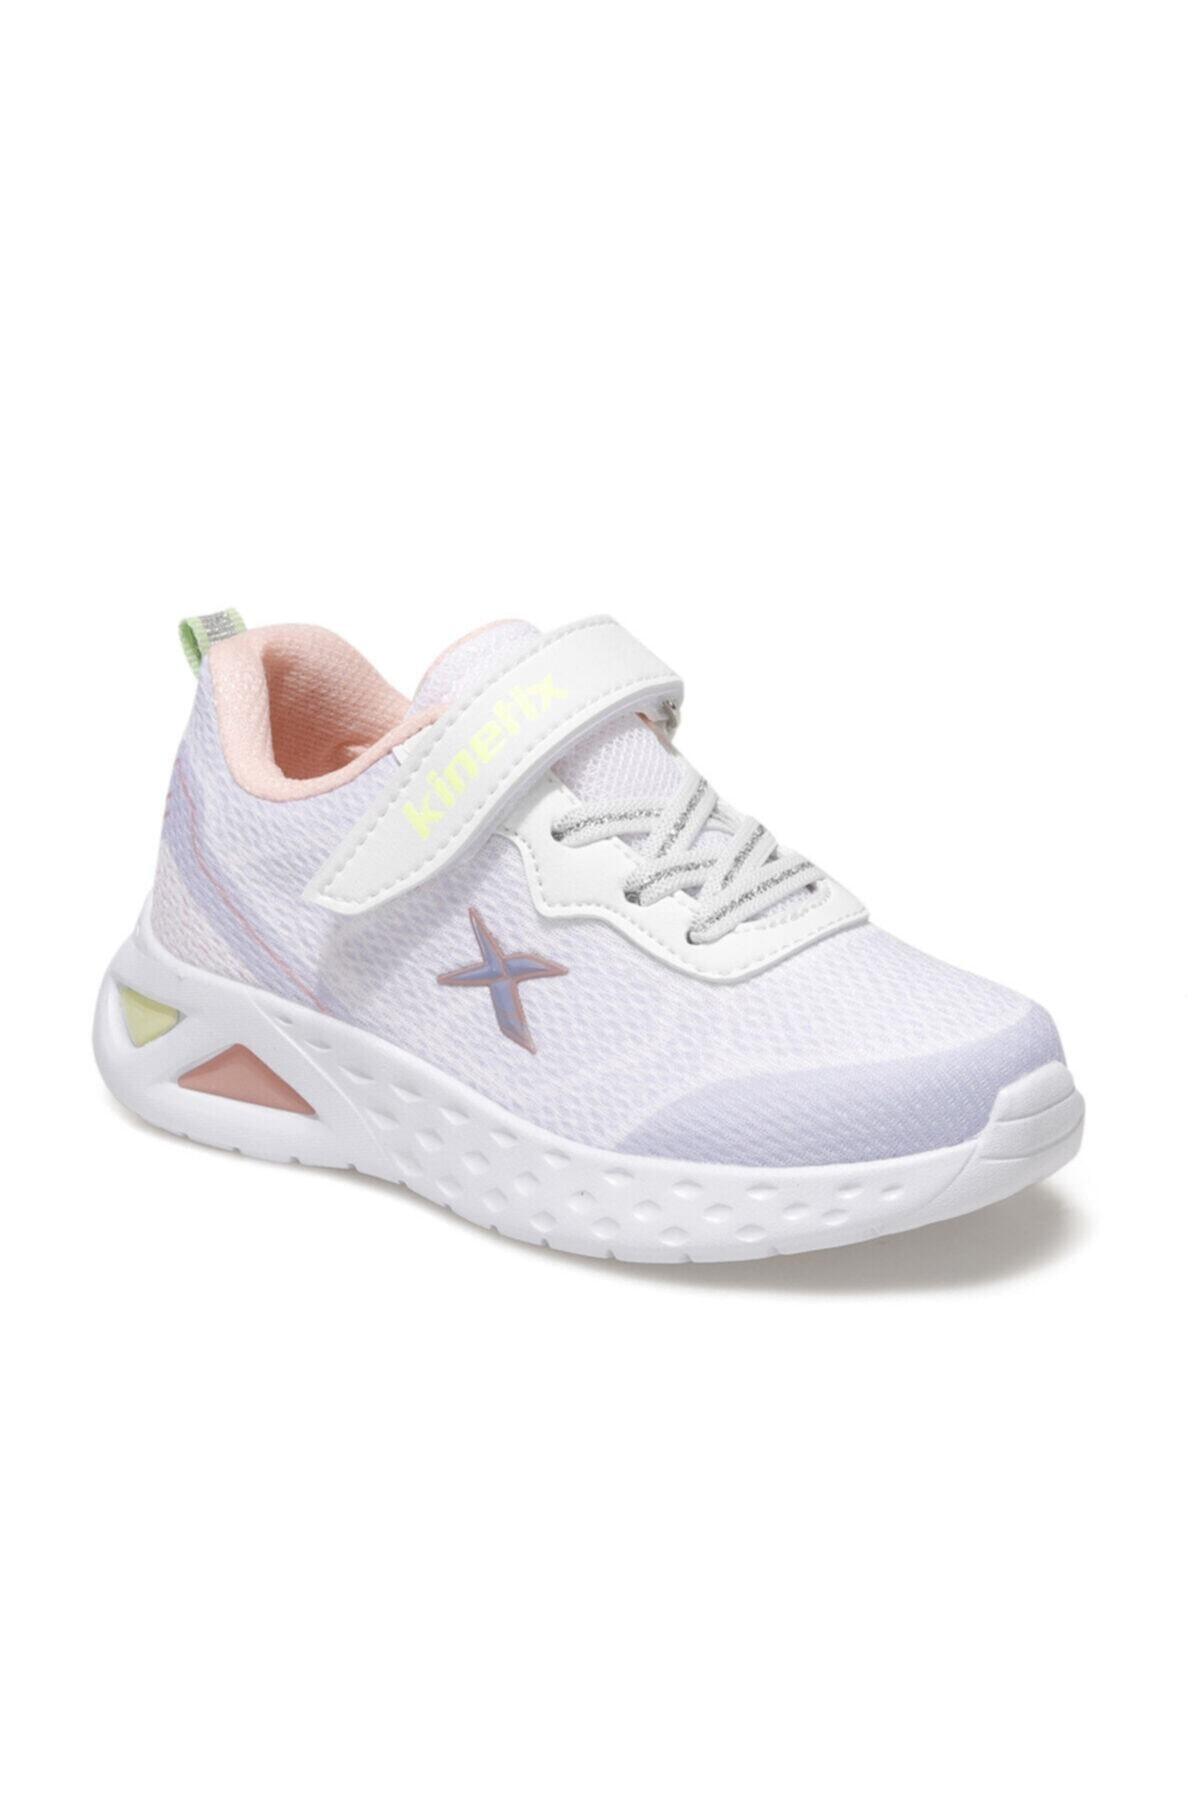 خرید نقدی کفش اسپرت ارزان بچه گانه دخترانه برند کینتیکس kinetix کد ty76333883